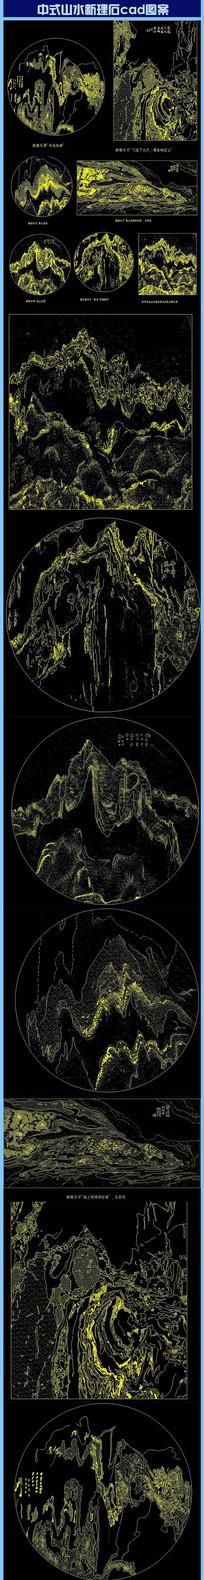 中式山水新理石cad图案